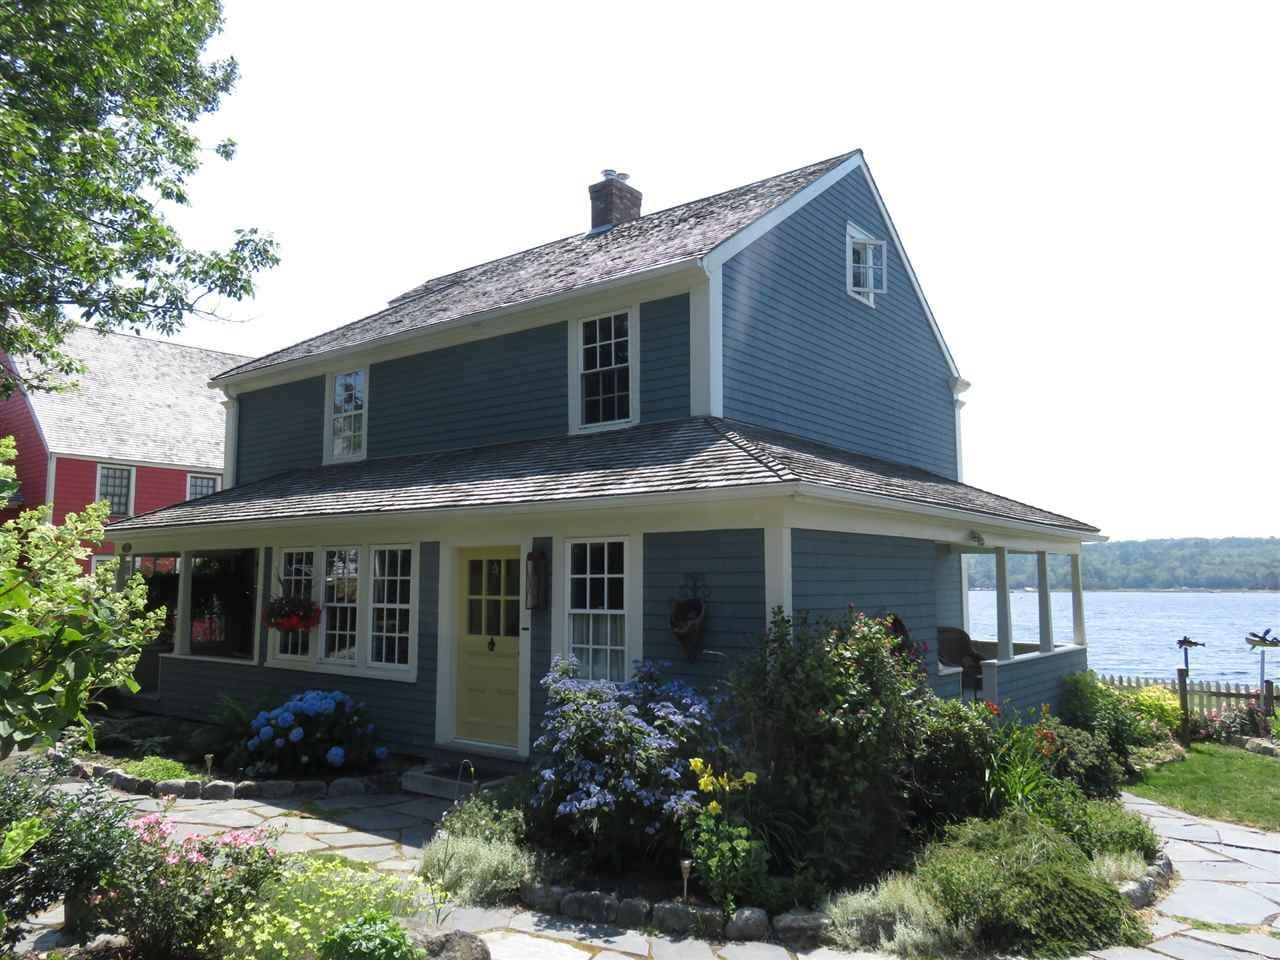 Main Photo: 10 Charlotte Lane in Shelburne: 407-Shelburne County Residential for sale (South Shore)  : MLS®# 201918725